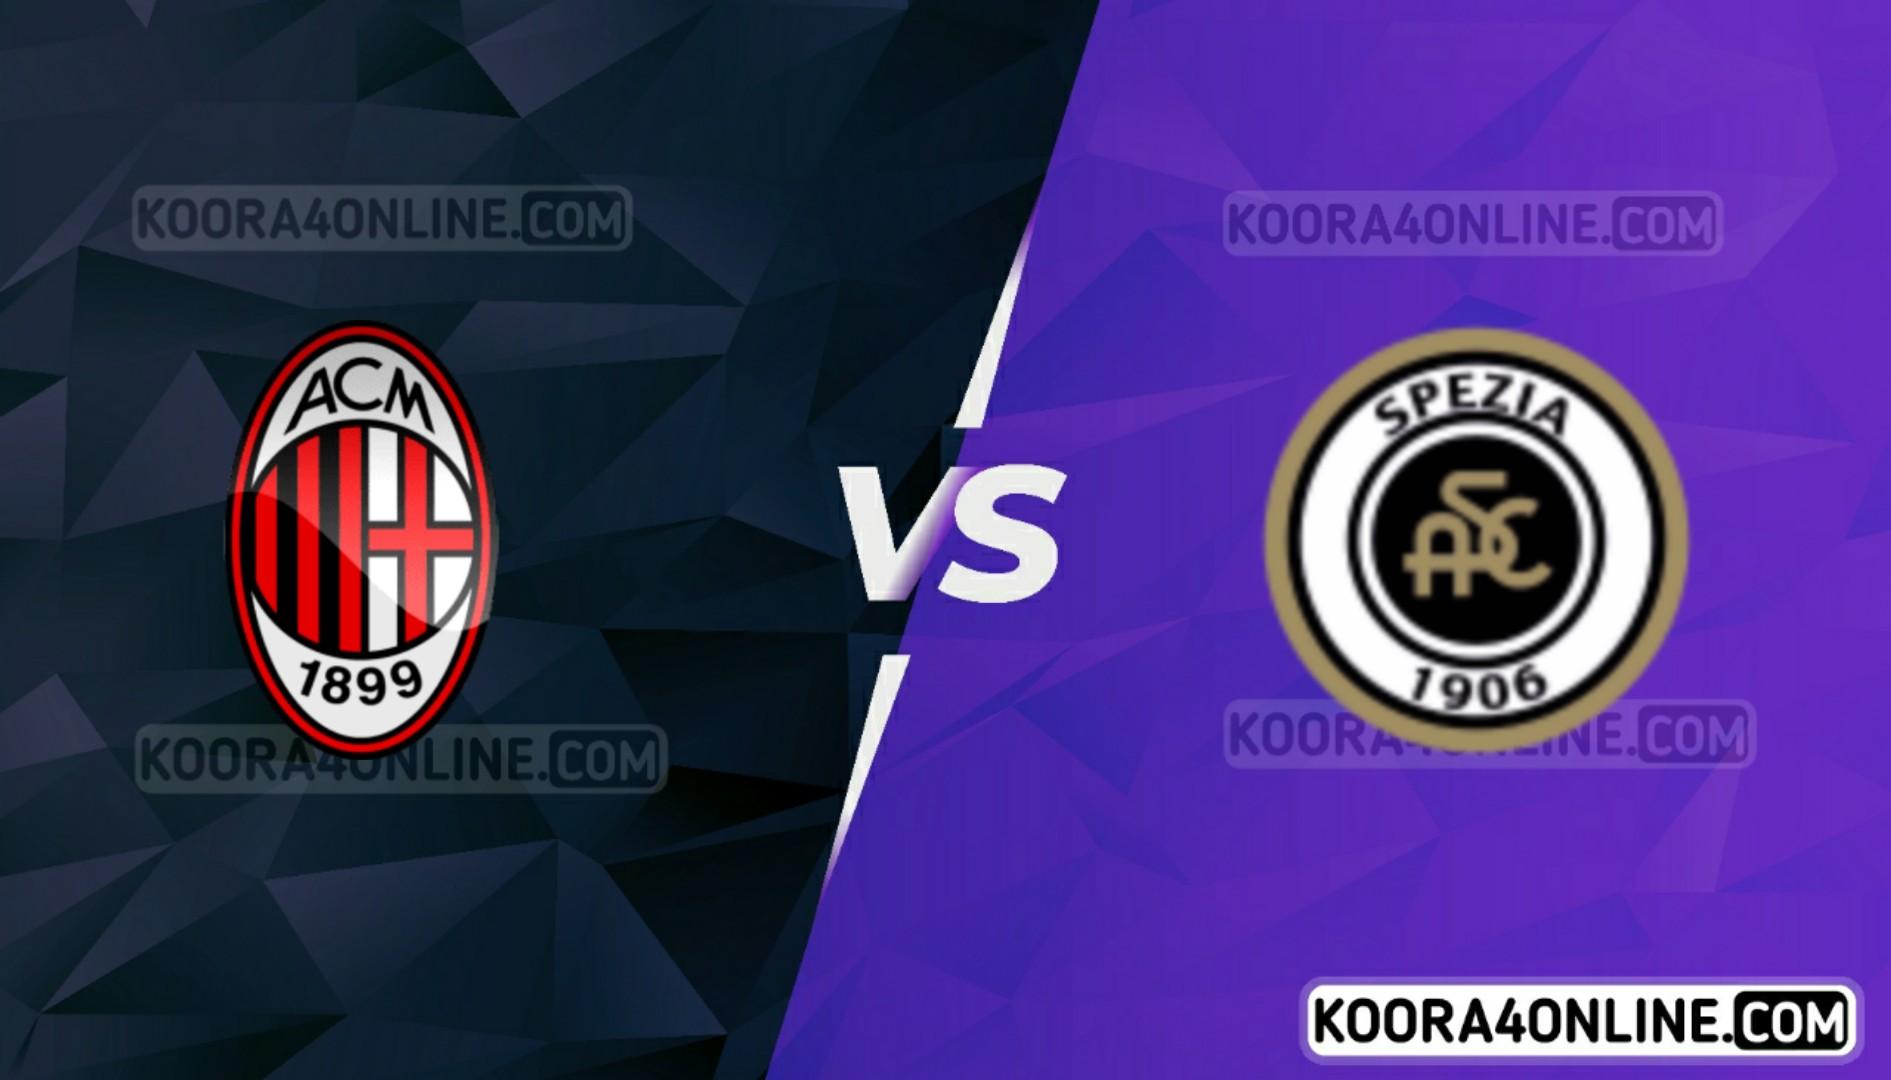 مشاهدة مباراة ميلان وسبيزيا القادمة كورة اون لاين بث مباشر اليوم 25-09-2021 في الدوري الإيطالي